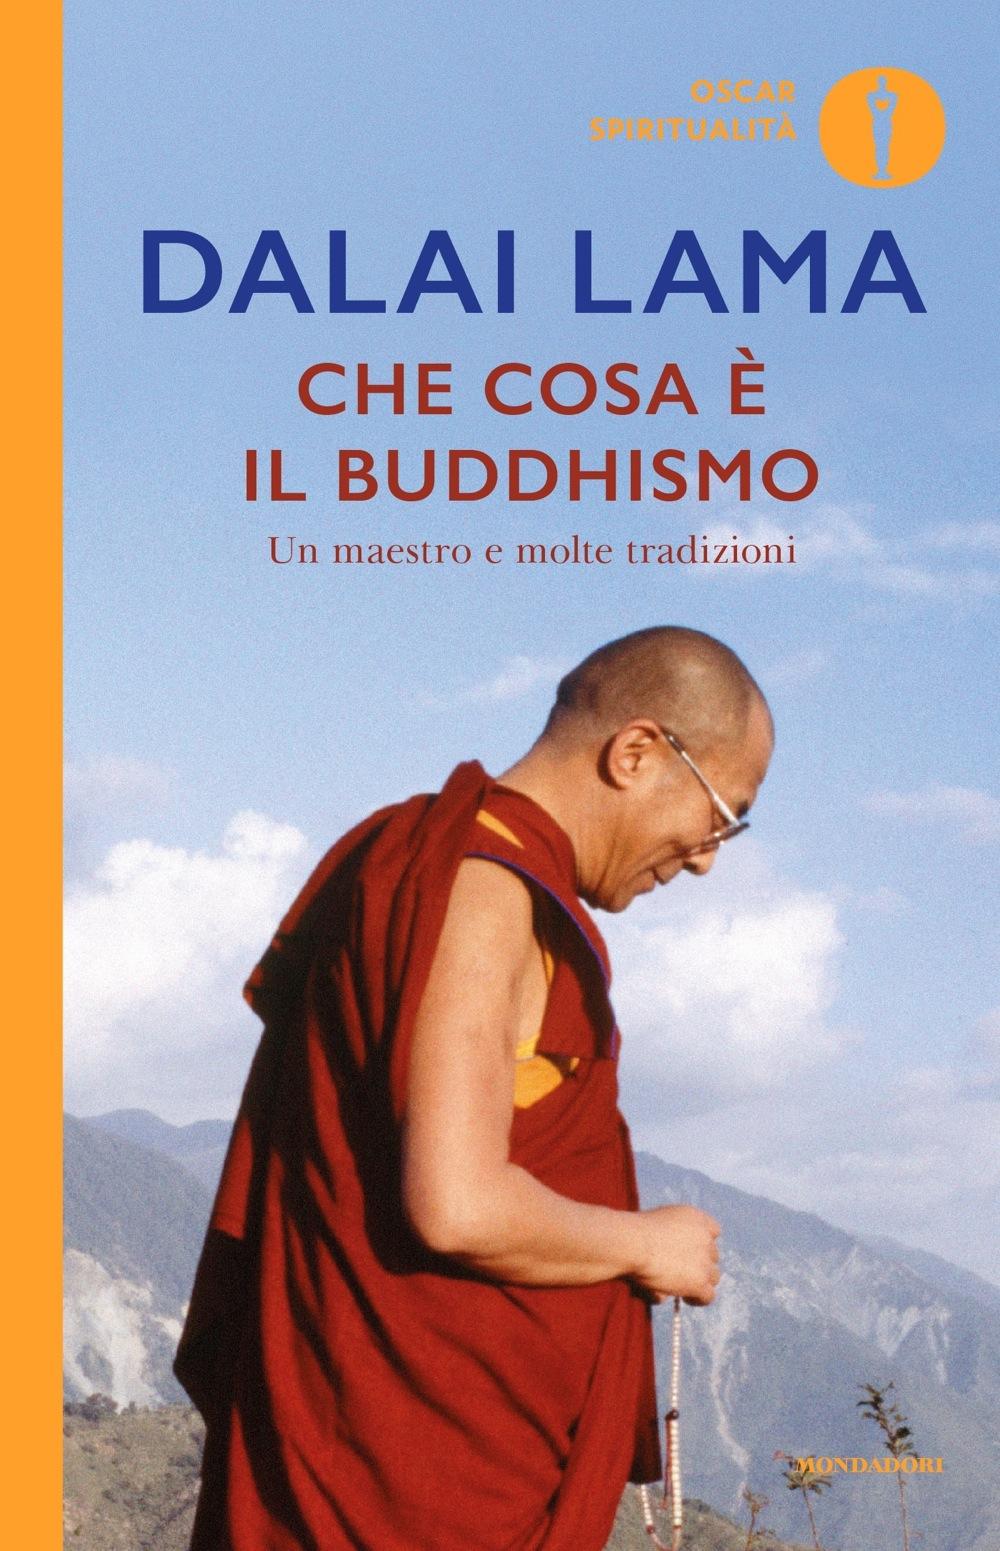 Che Cosa è Il Buddhismo Dalai Lama Oscar Mondadori